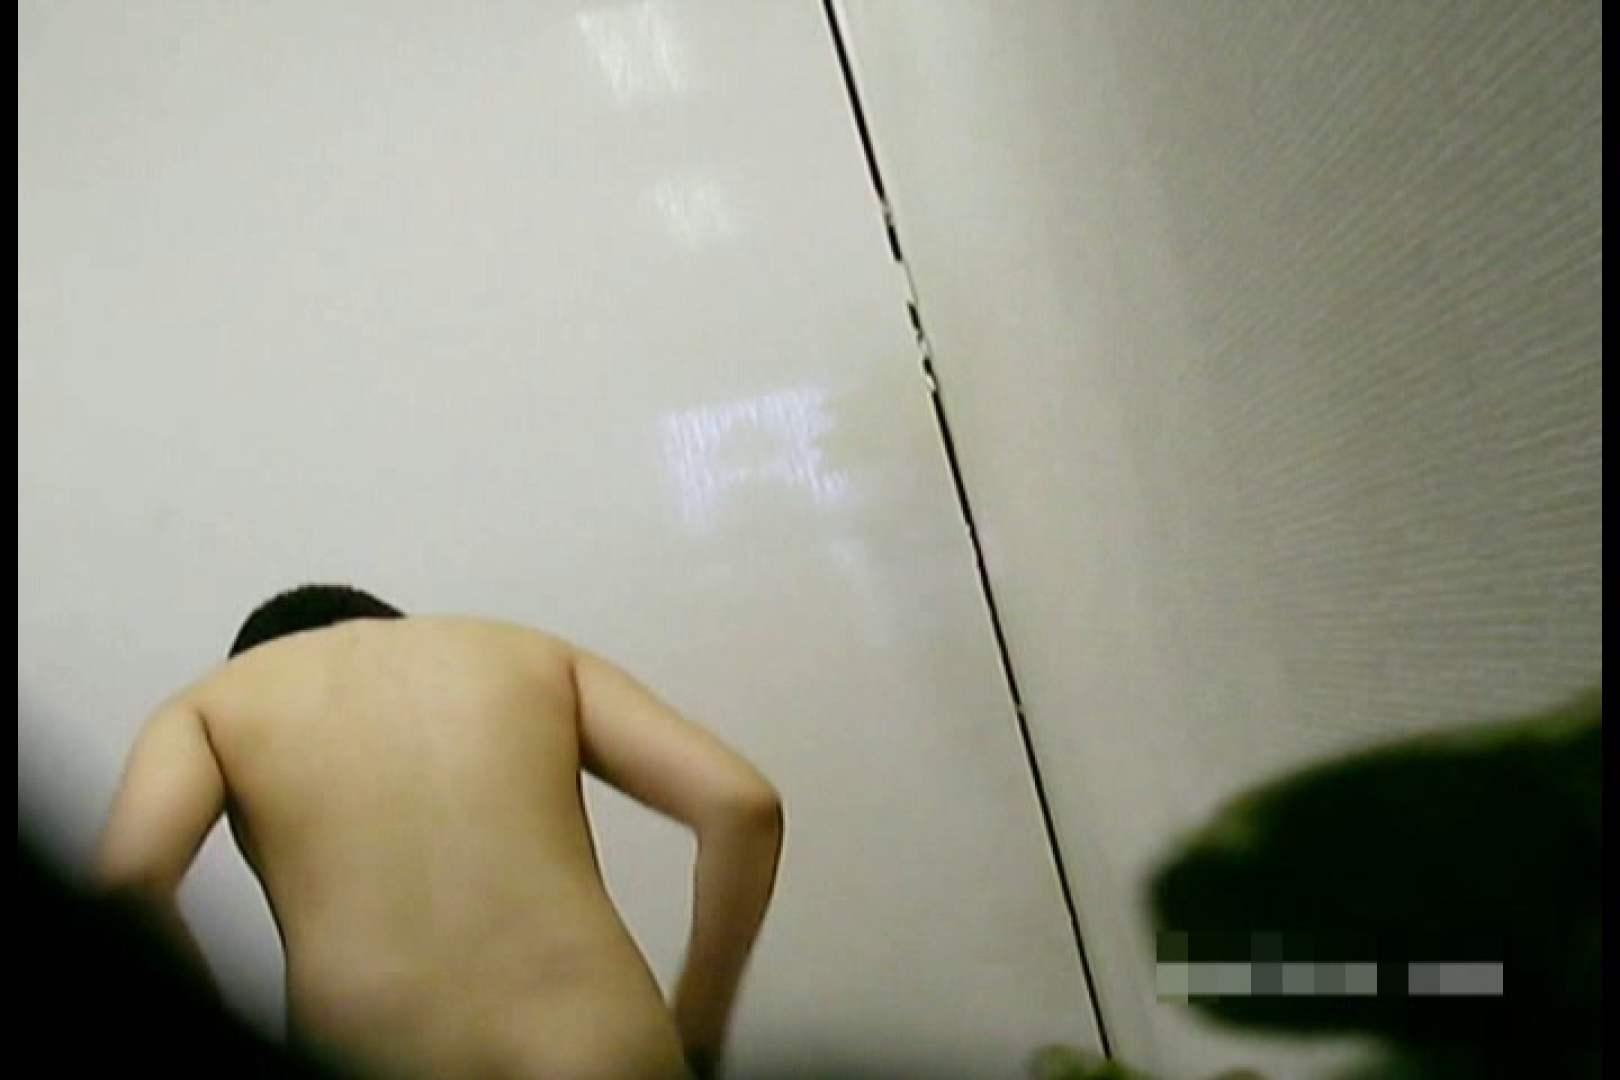 素人撮影 下着だけの撮影のはずが・・・みゆき18歳 おっぱい 濡れ場動画紹介 98PIX 24